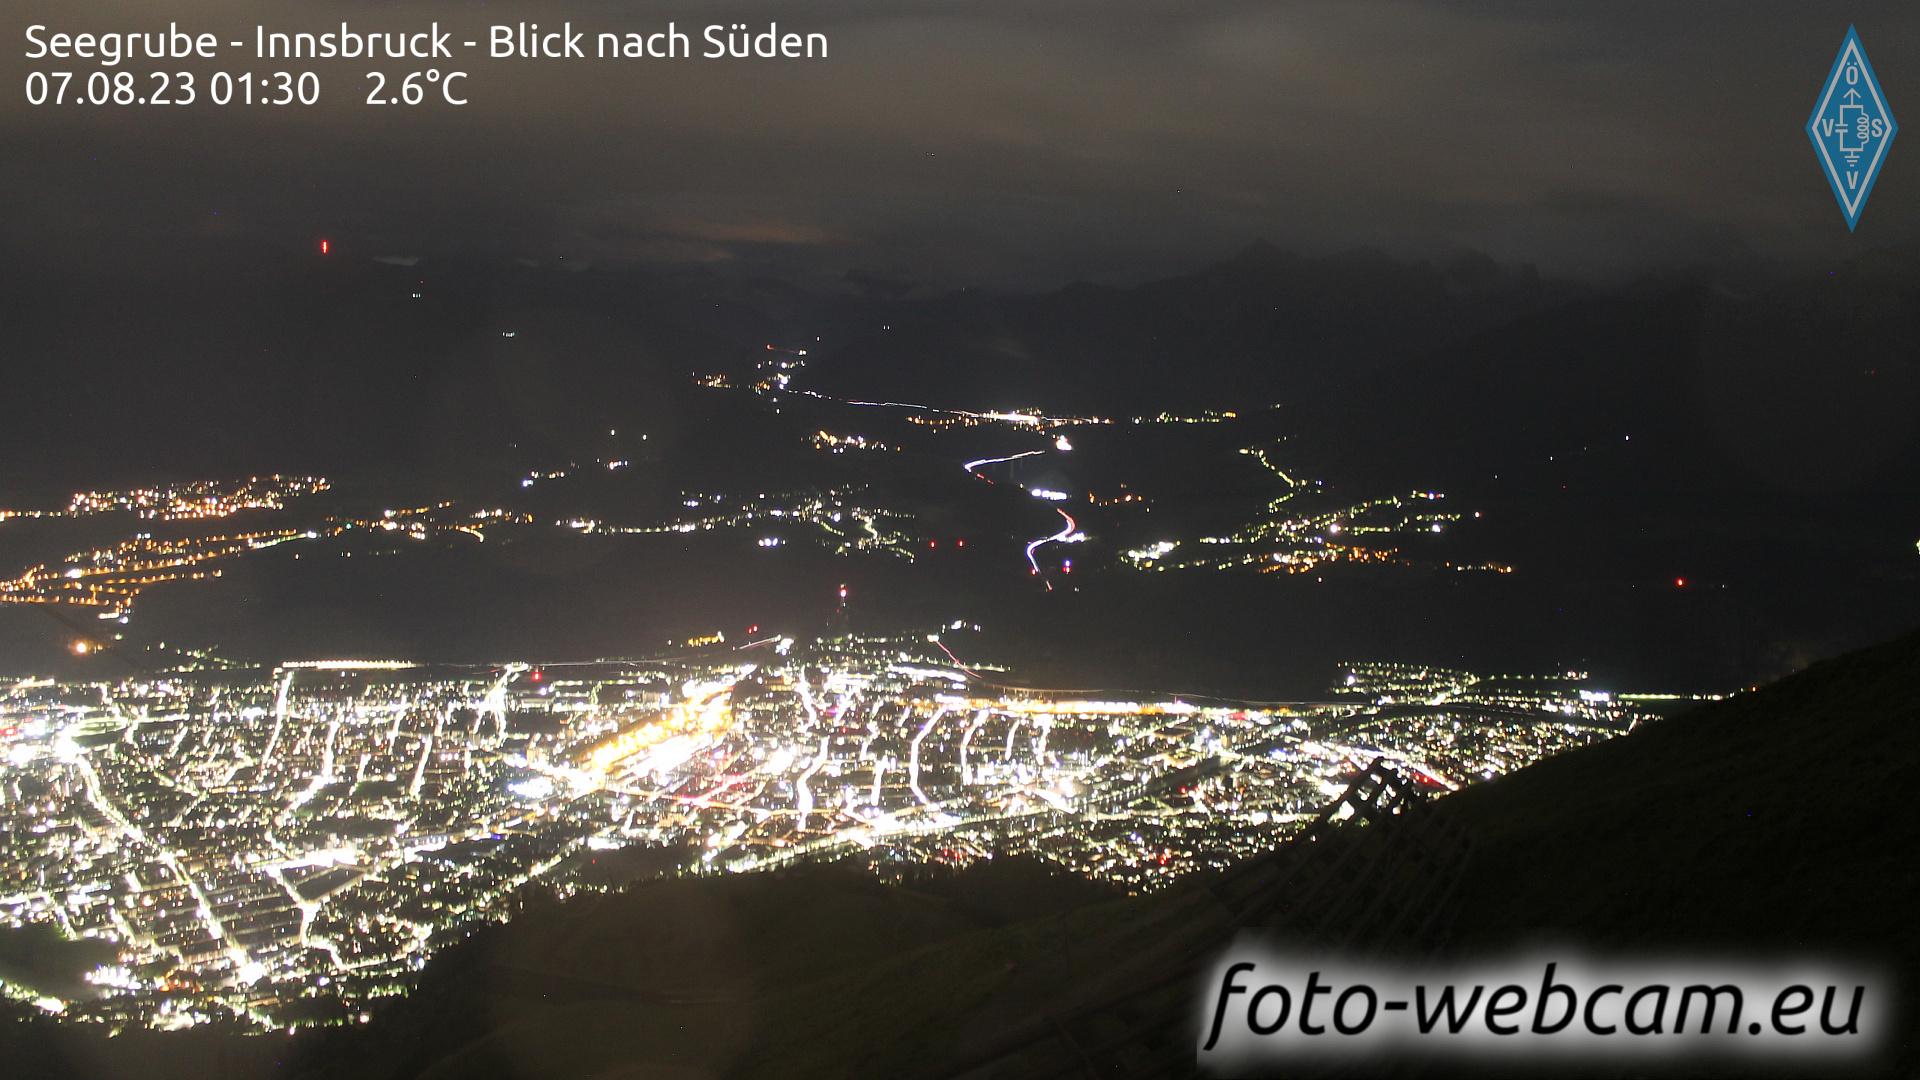 Innsbruck Thu. 01:18